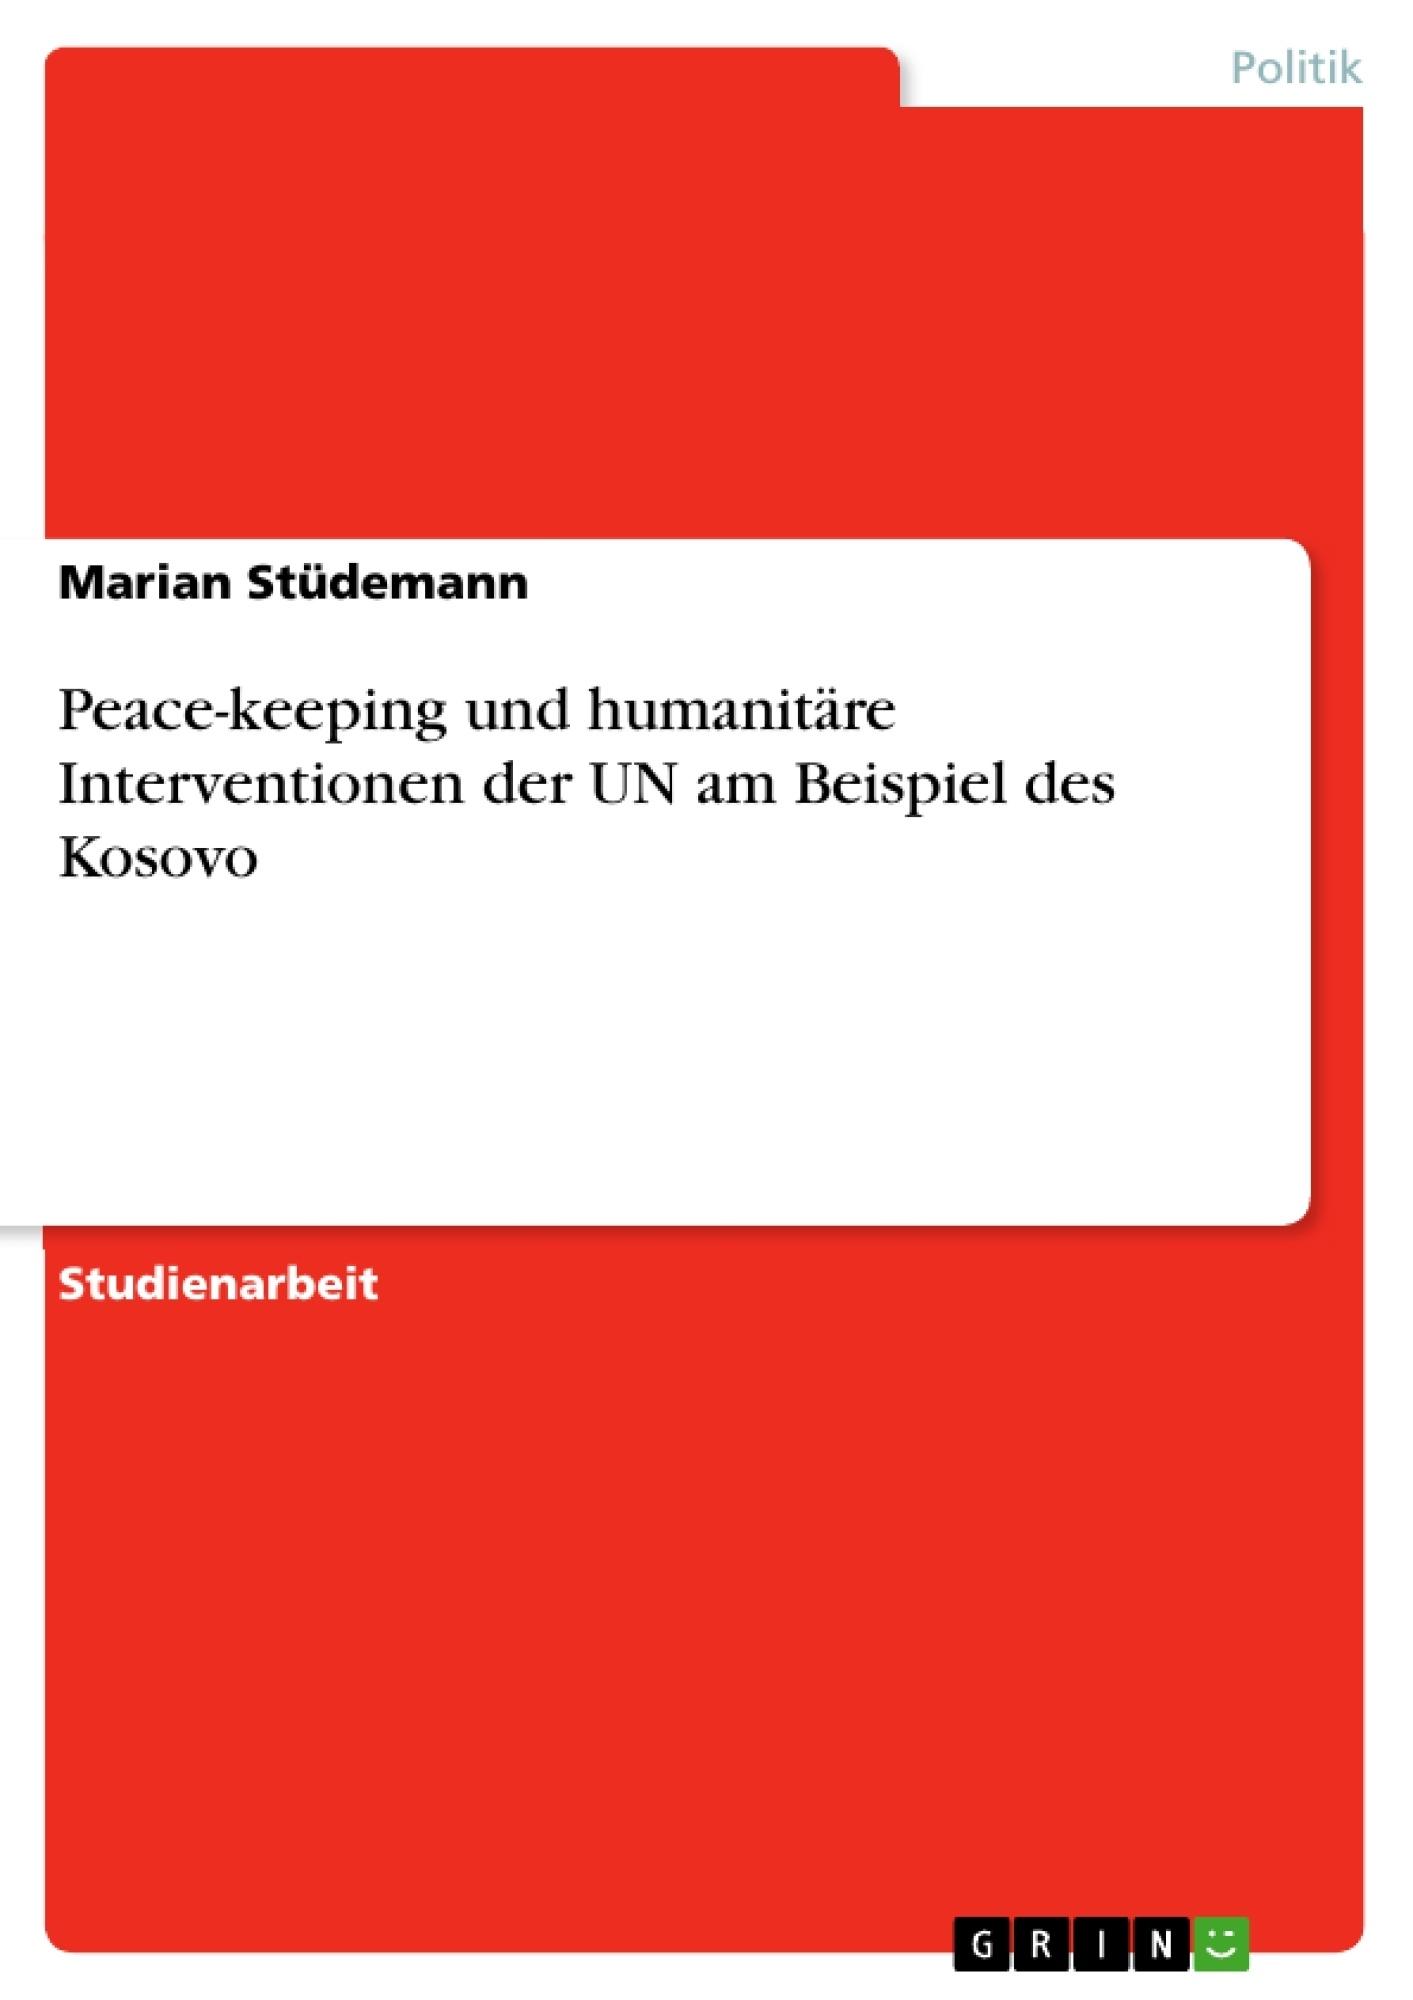 Titel: Peace-keeping und humanitäre Interventionen der UN am Beispiel des Kosovo